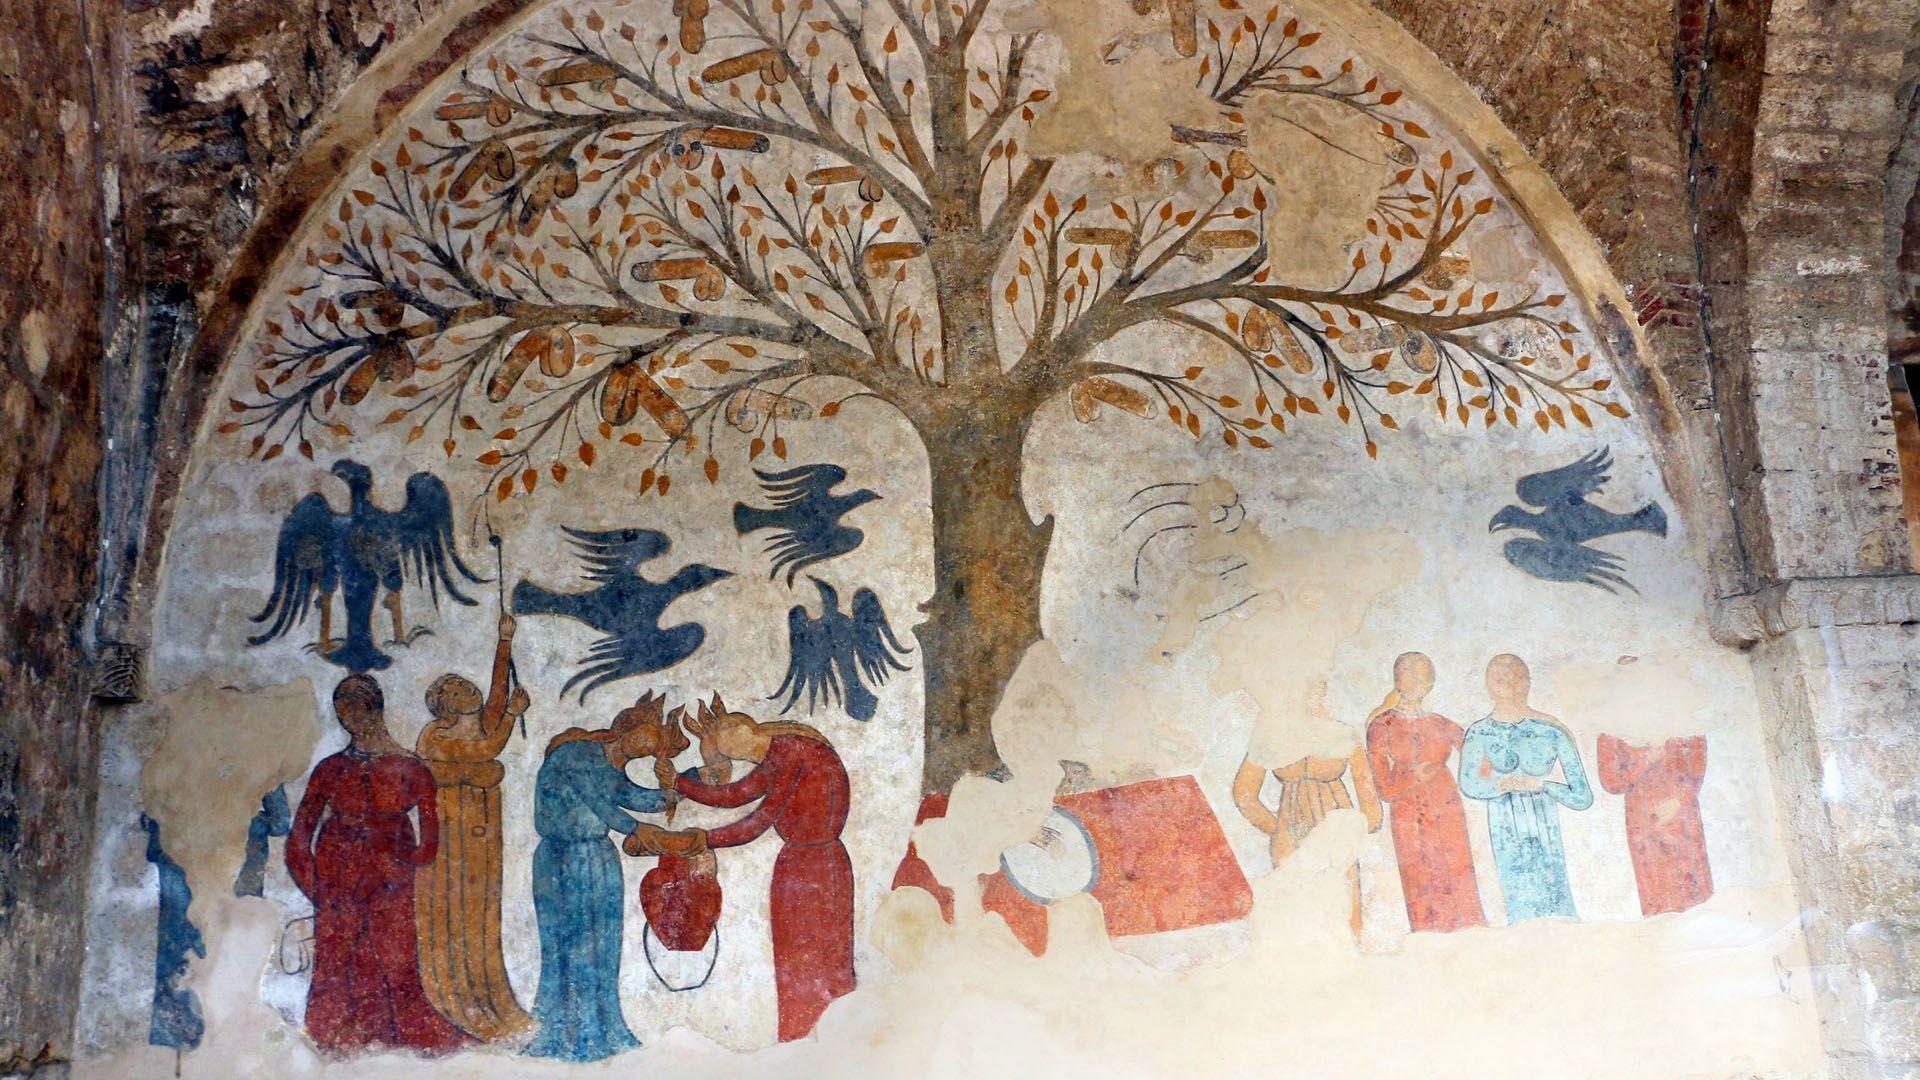 Péniszfa körül gyűlnek a hívők a festményen